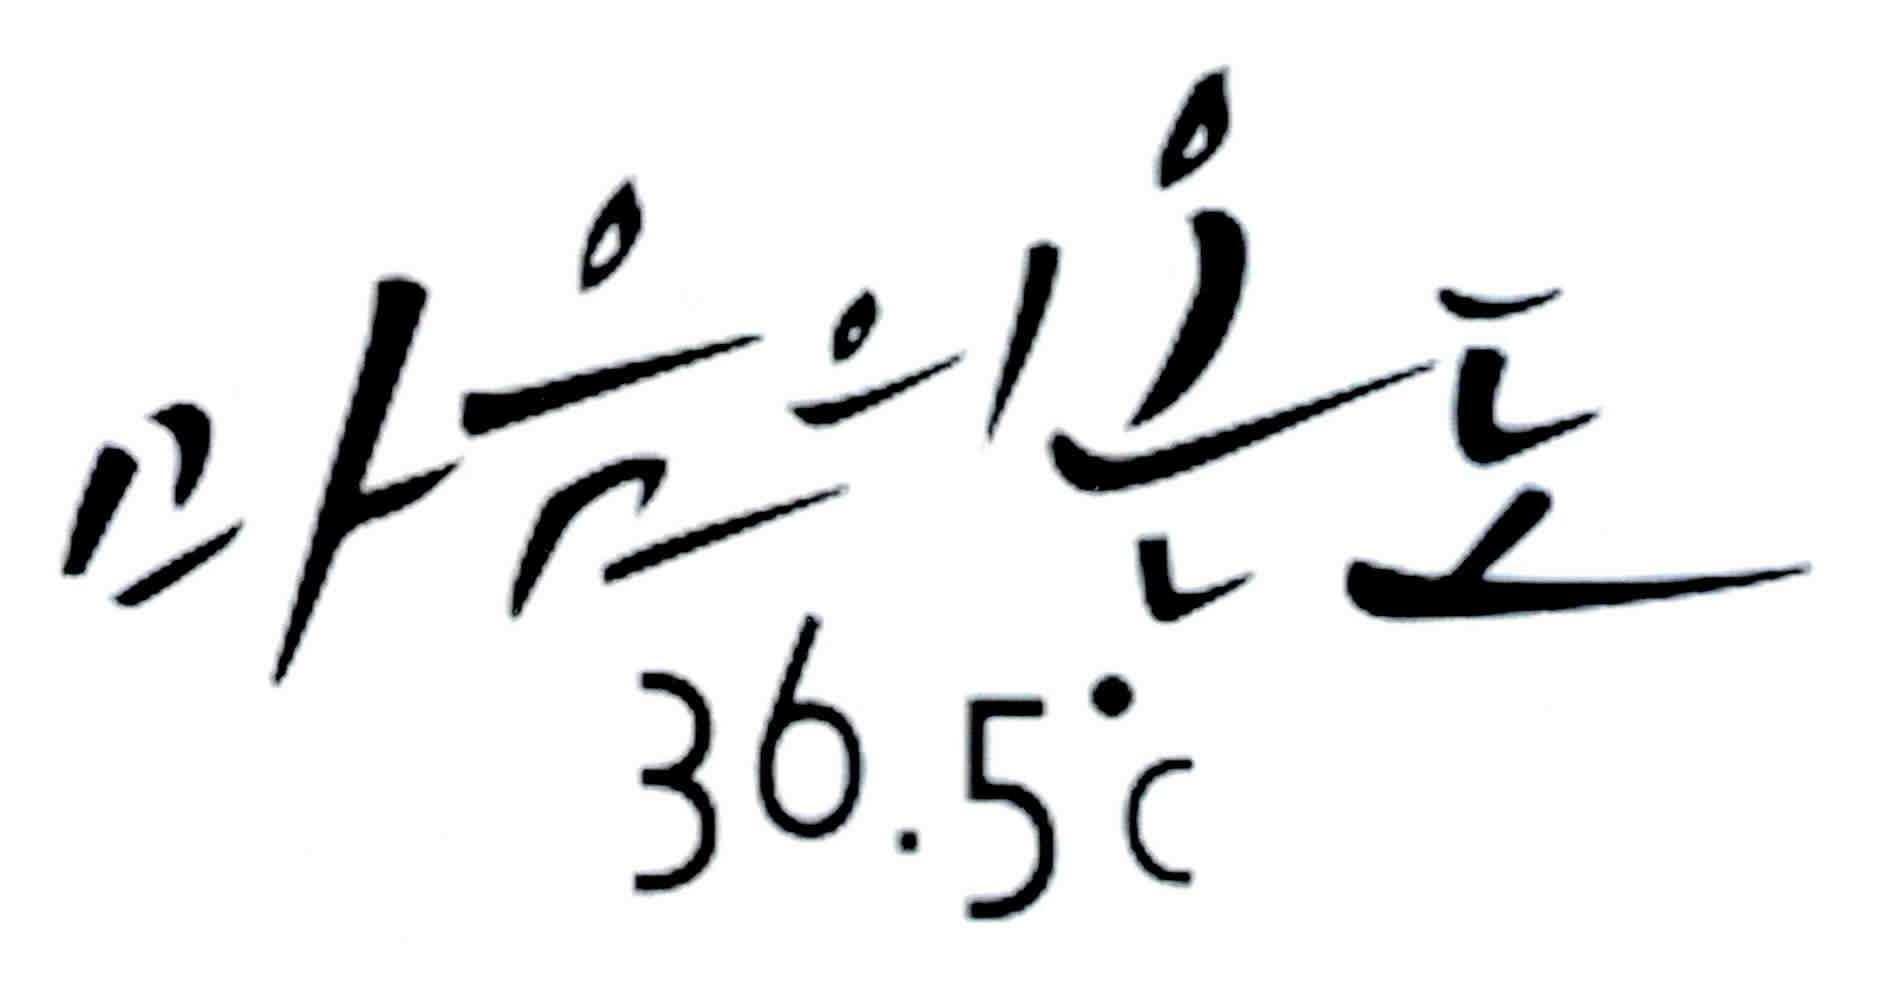 마음의온도 36.5℃ 마음의온도 36.5도씨